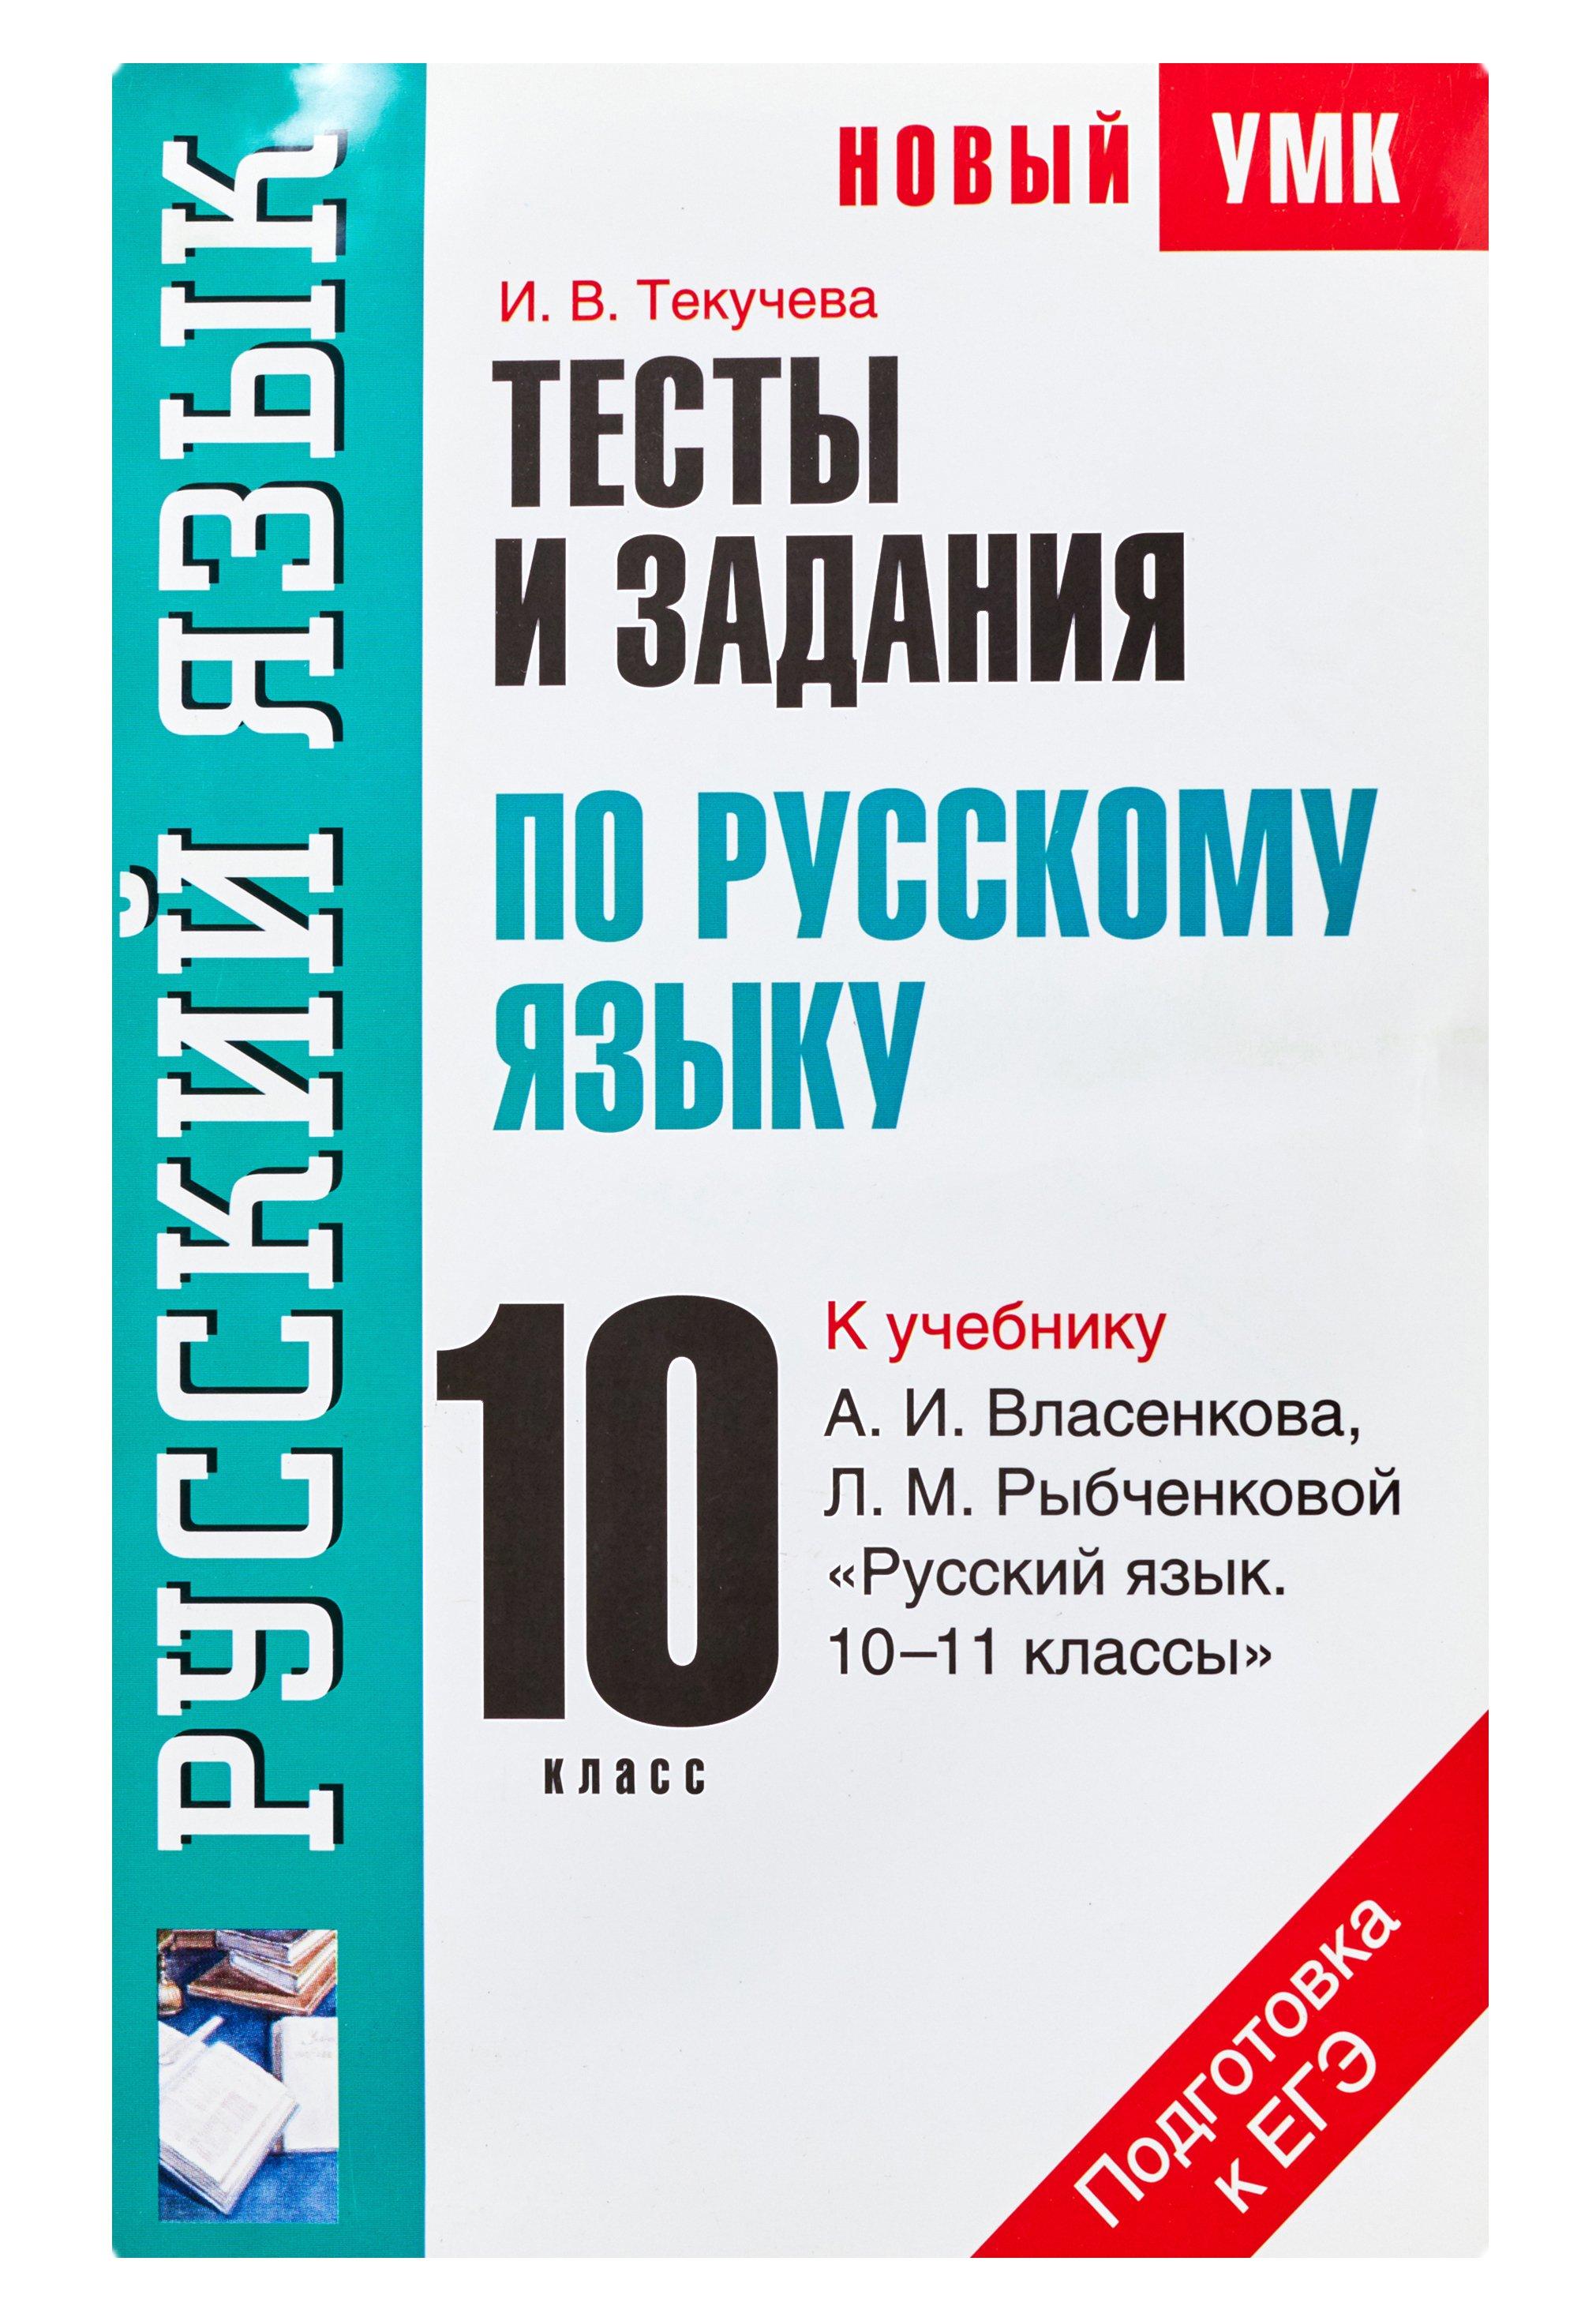 Текучева Ирина Викторовна Тесты и задания по русскому языку для подготовки к ЕГЭ. 10 класс